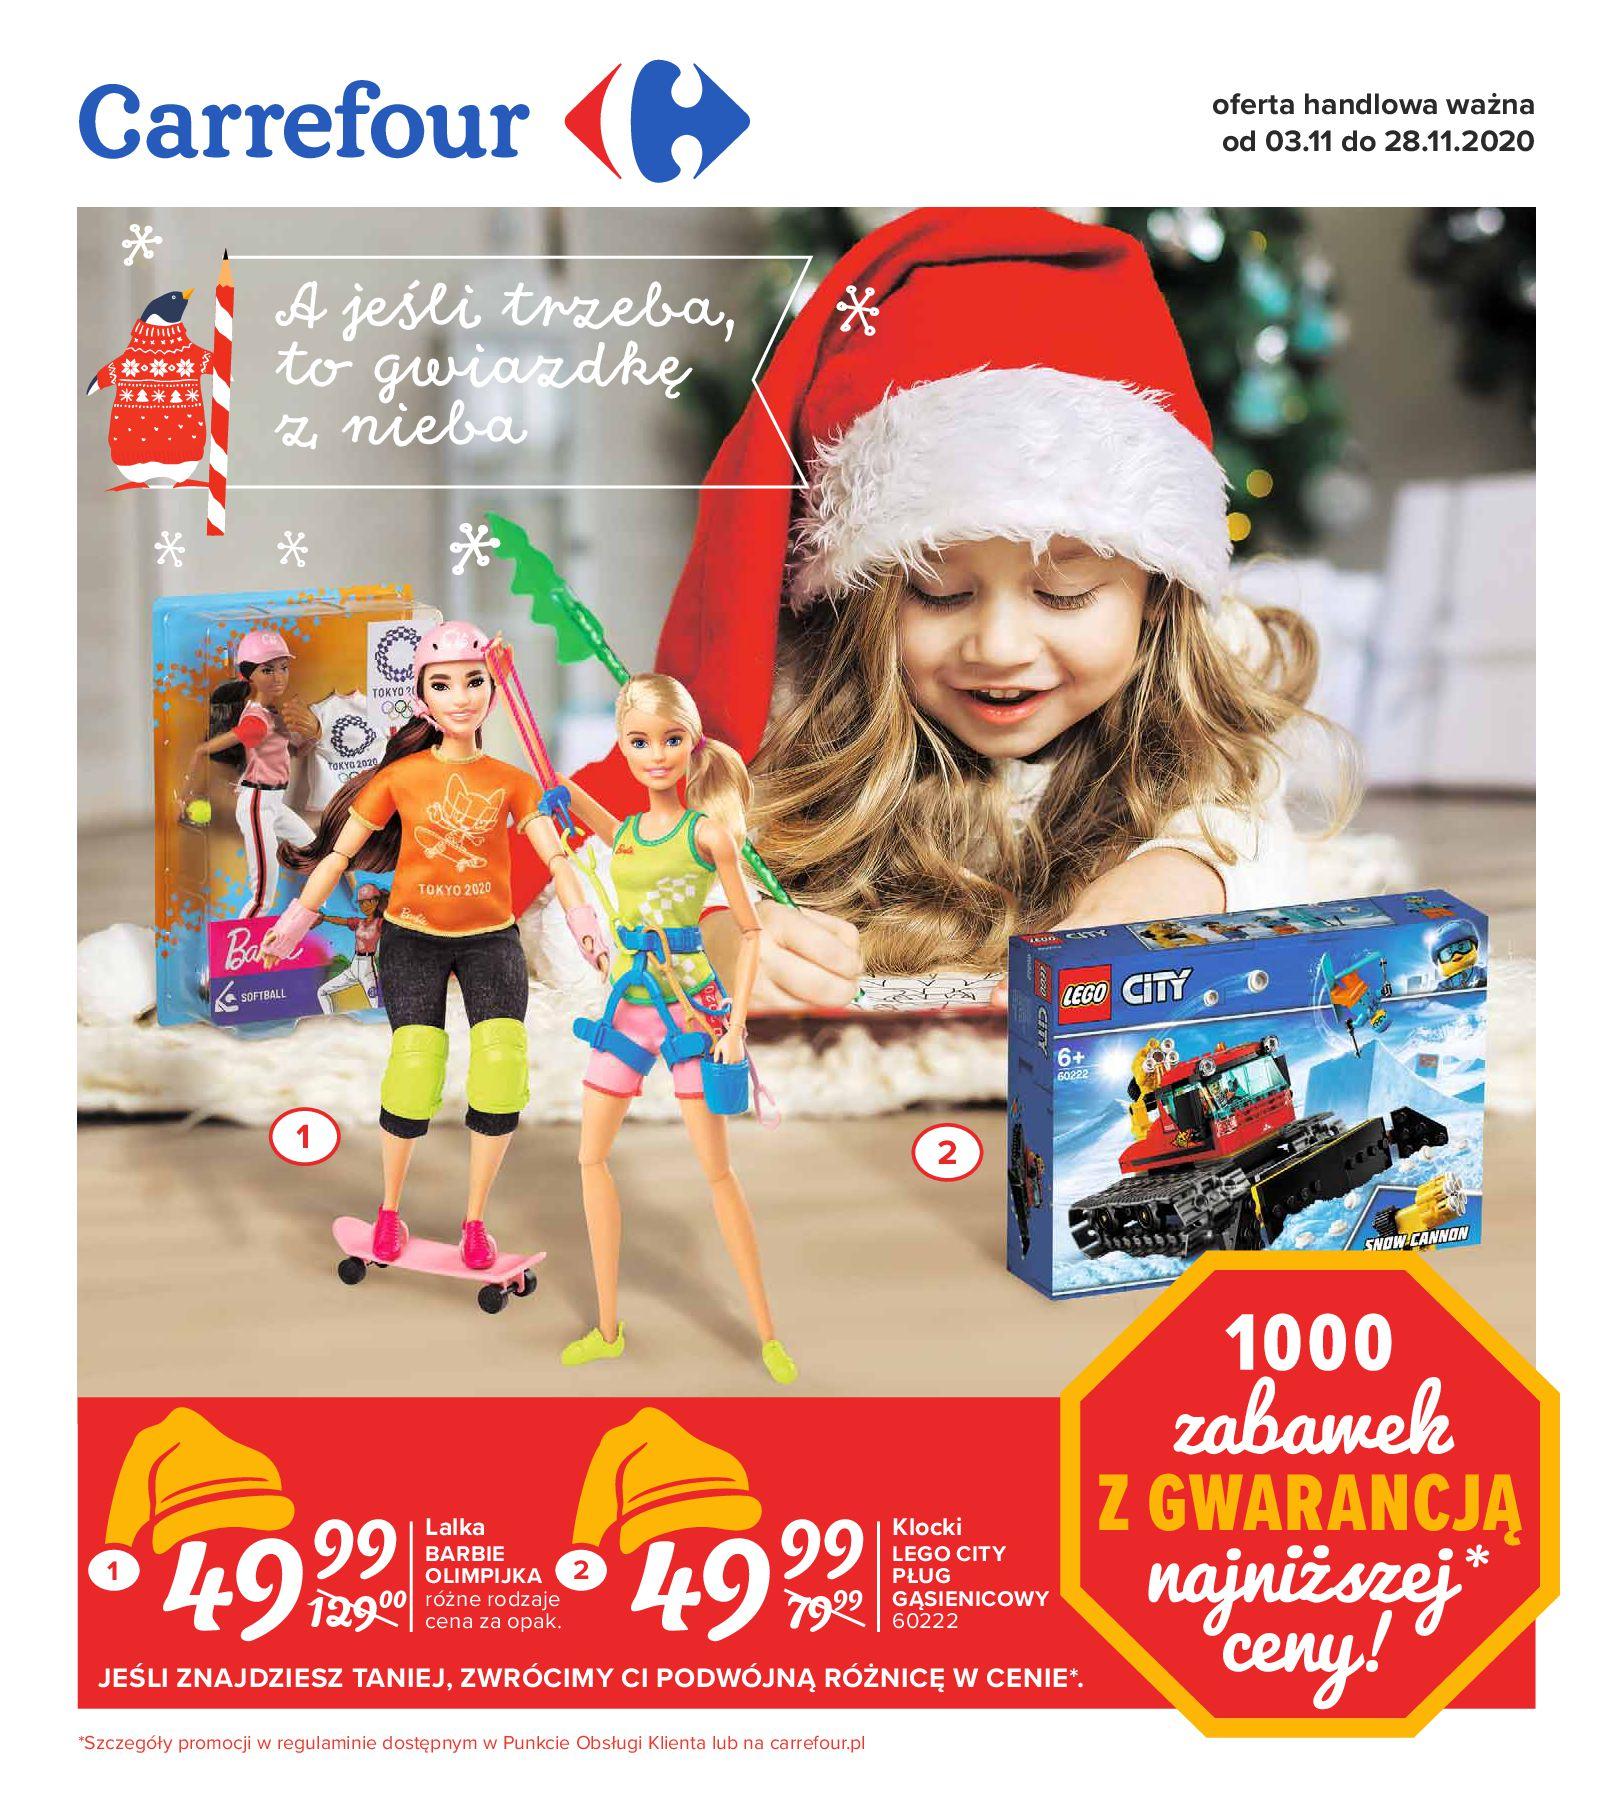 Carrefour:  A jeśli trzeba to gwiazdkę z nieba od 03.11 02.11.2020